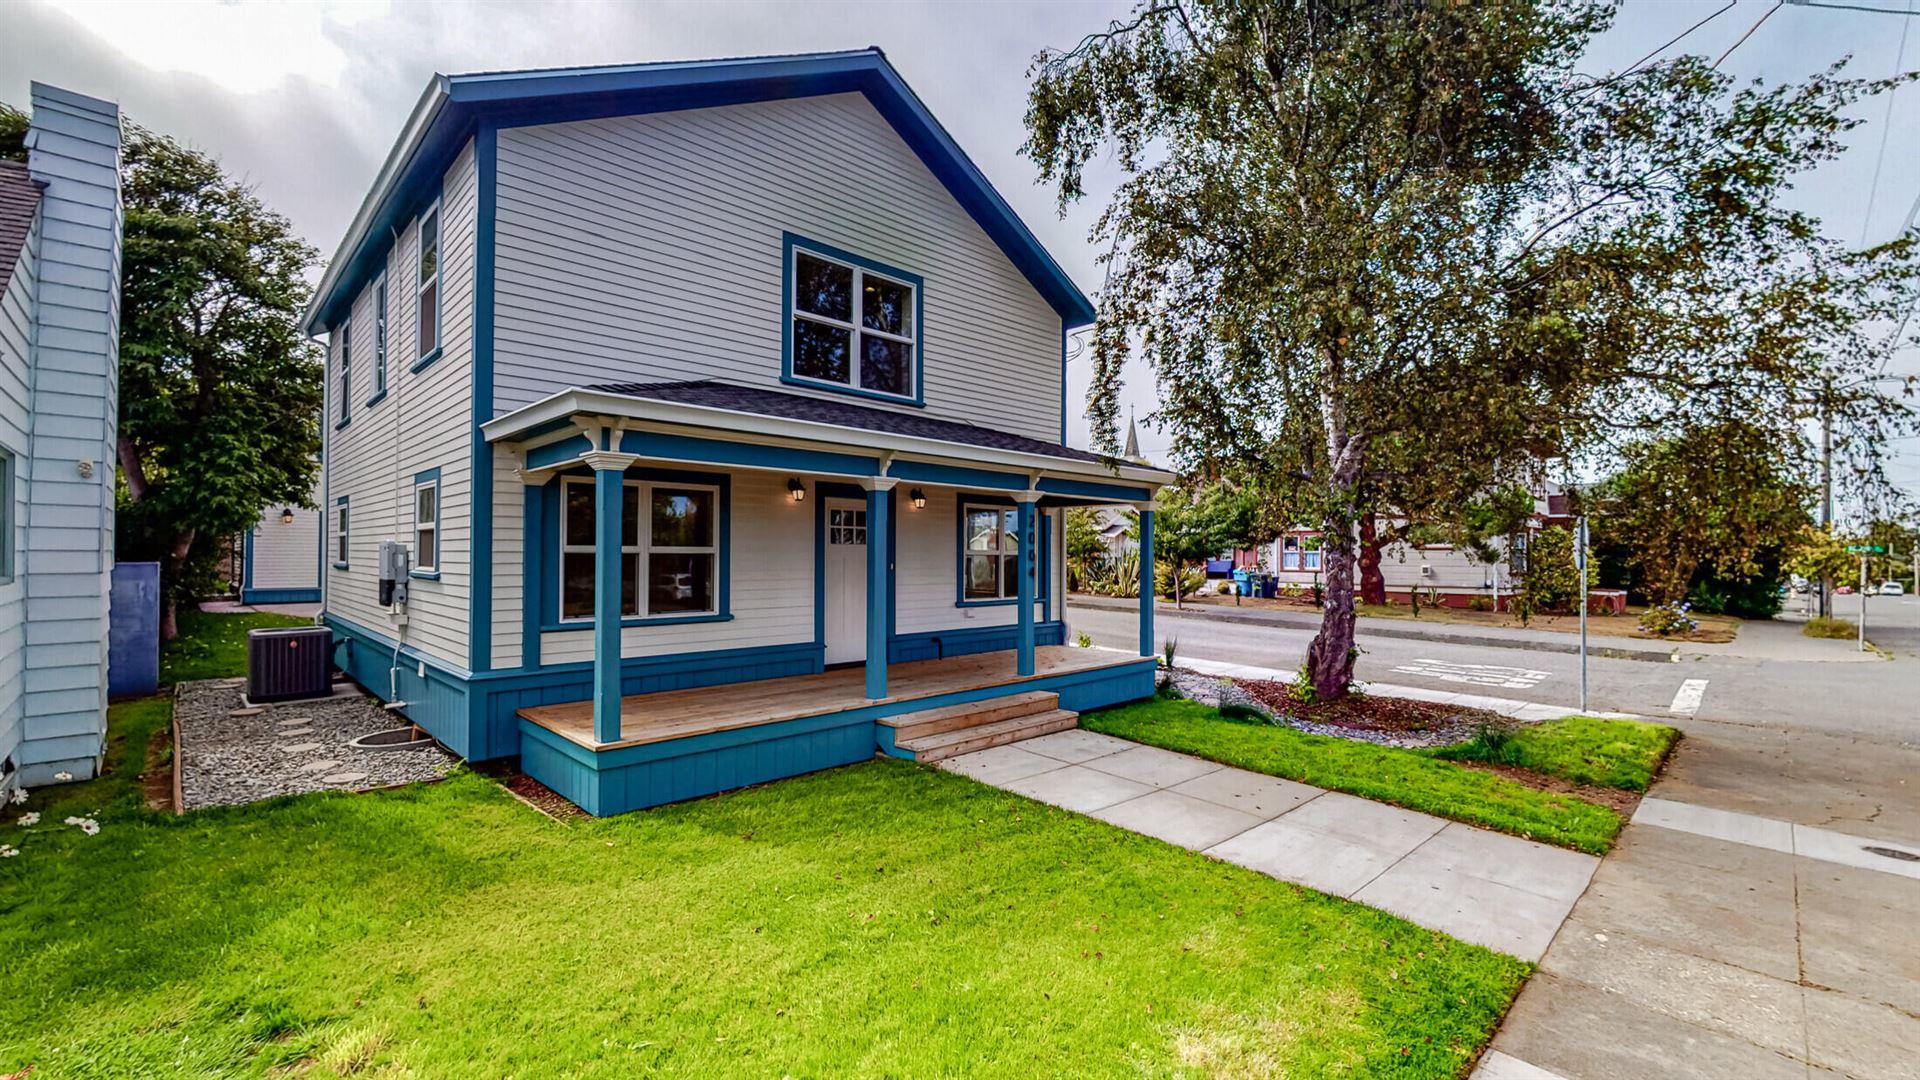 2004 G Street, Eureka, CA 95501 - MLS#: 260162